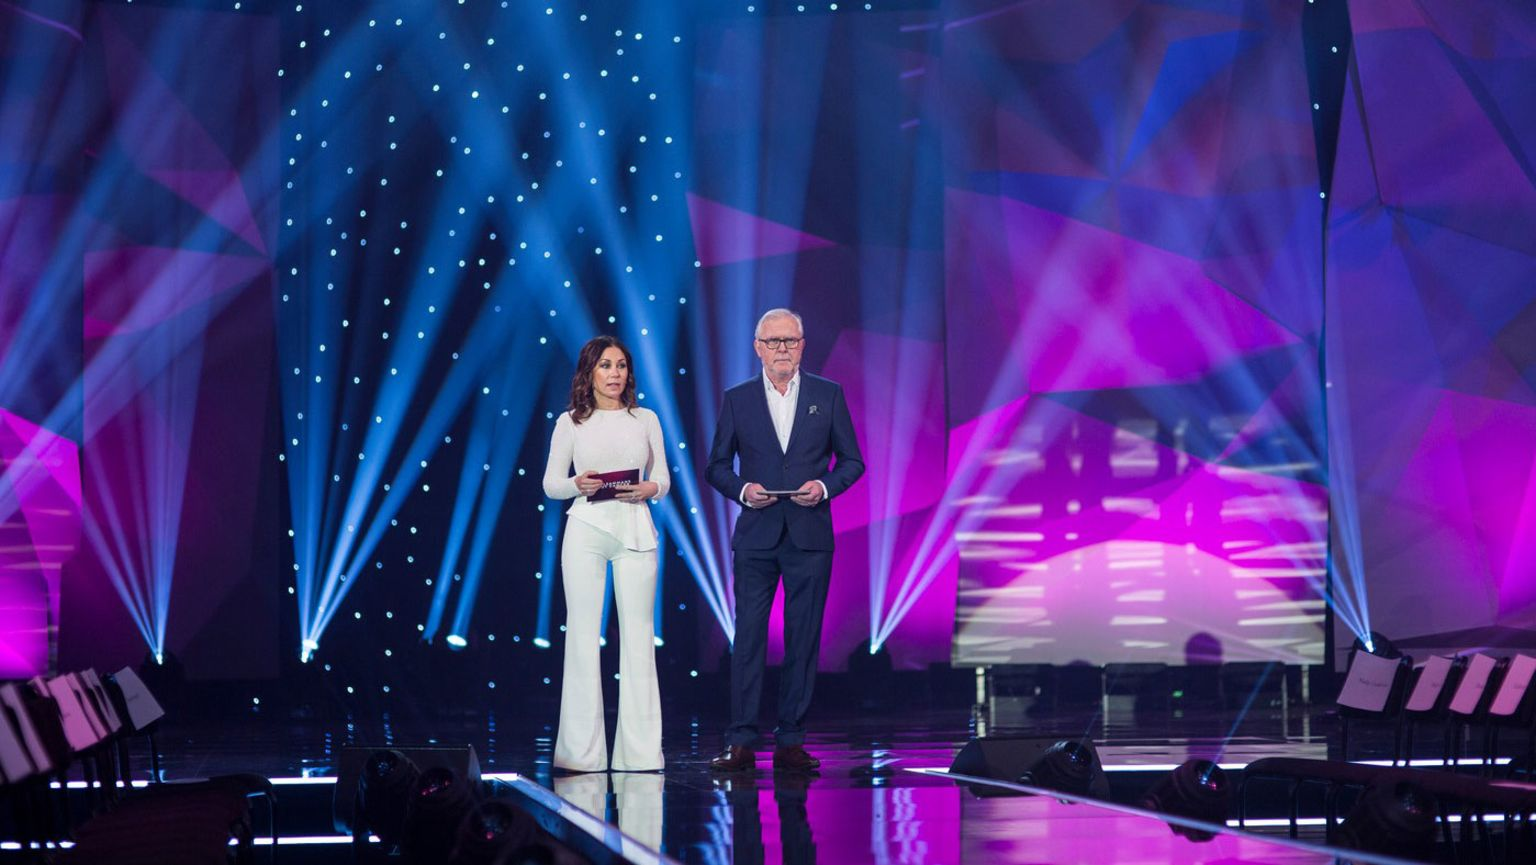 Programledarna Tilde de Paula Eby och Begnt Magnussson tillsammans på en scen under Cancerfondens gala Tillsammans mot cancer.